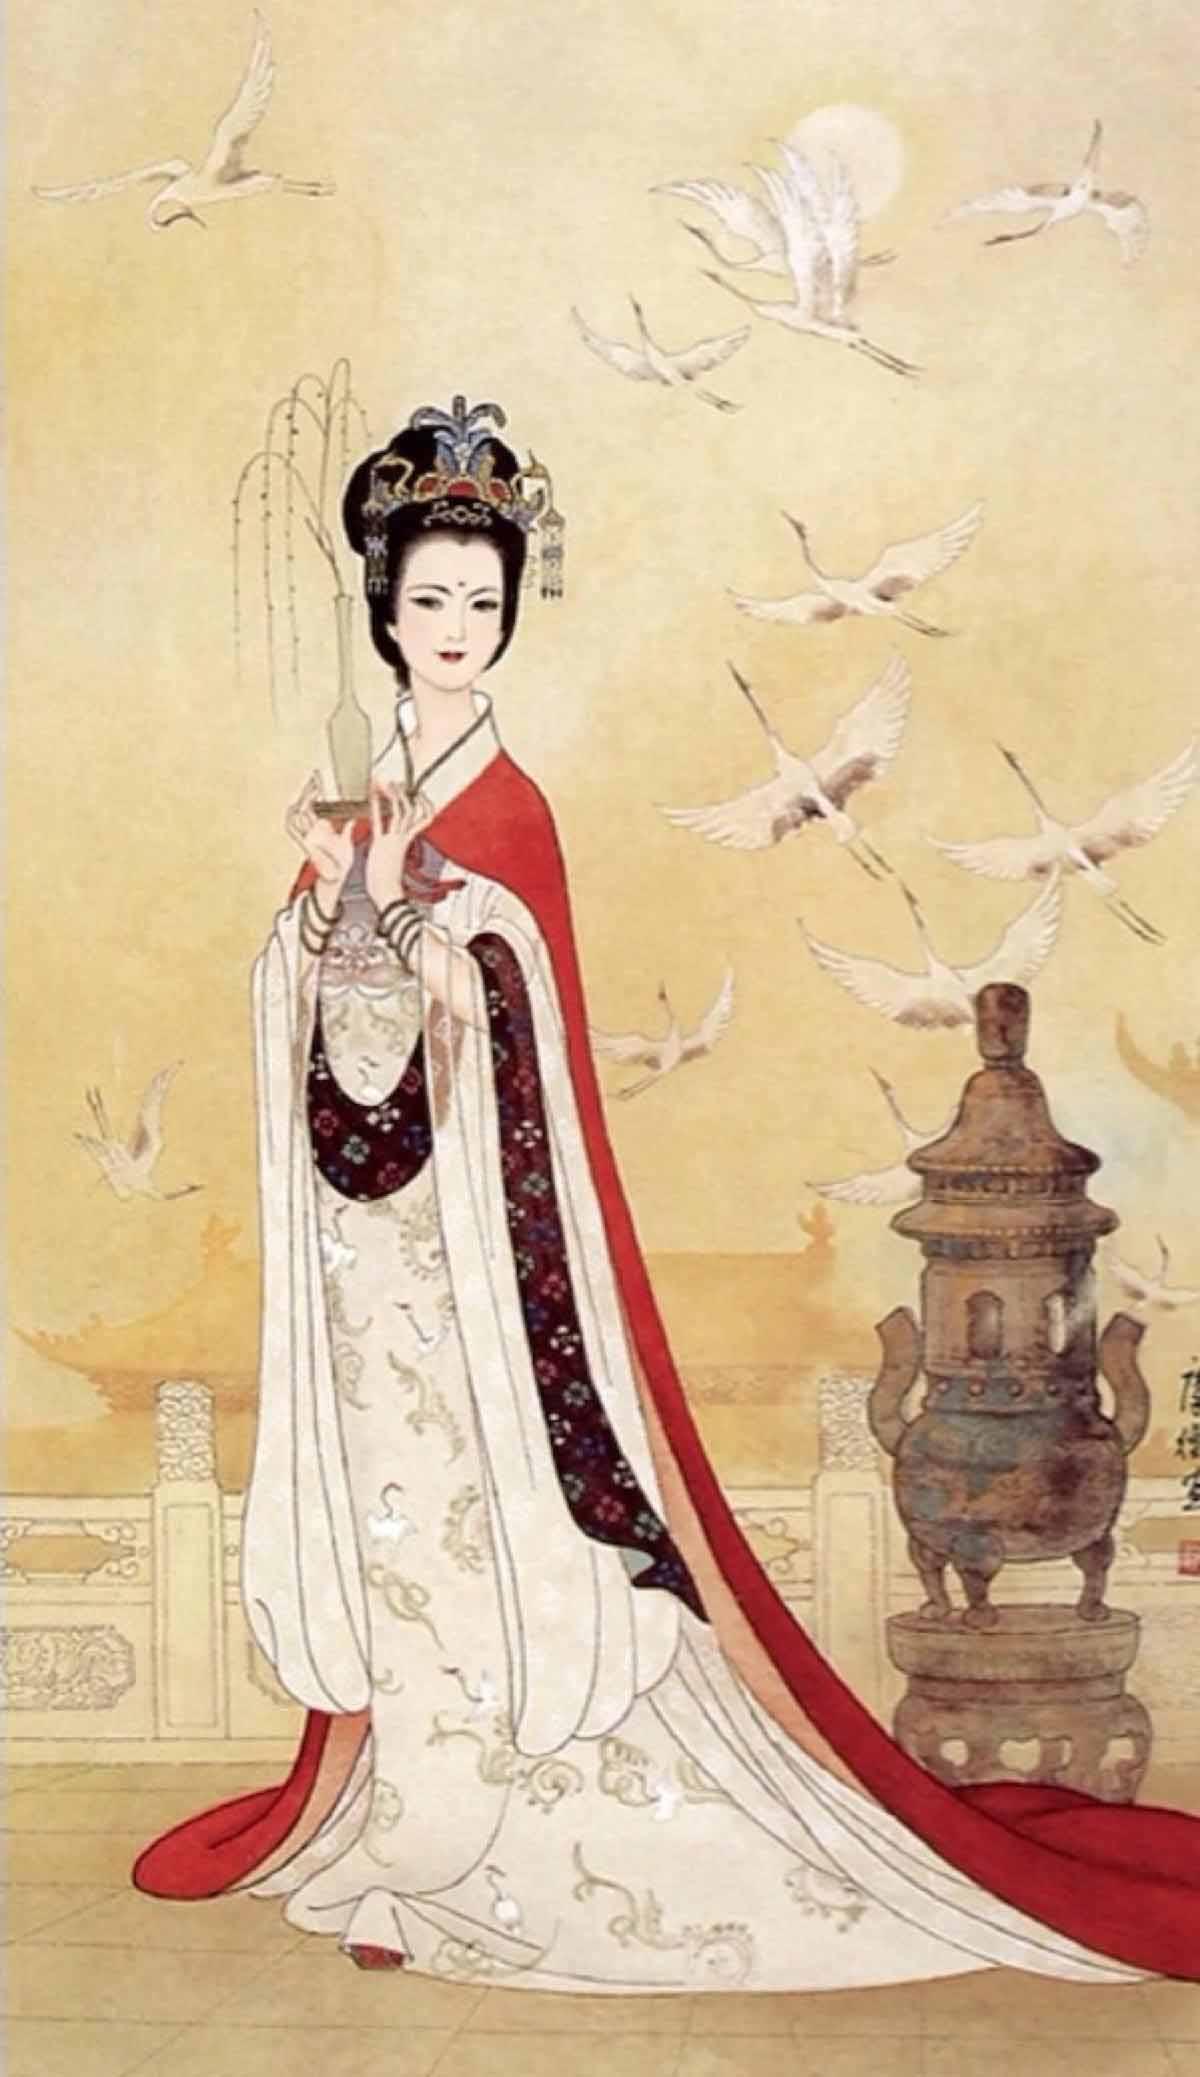 """Vì sao con gái Thiên tử thời xưa được gọi là """"Công chúa""""? - ảnh 1"""